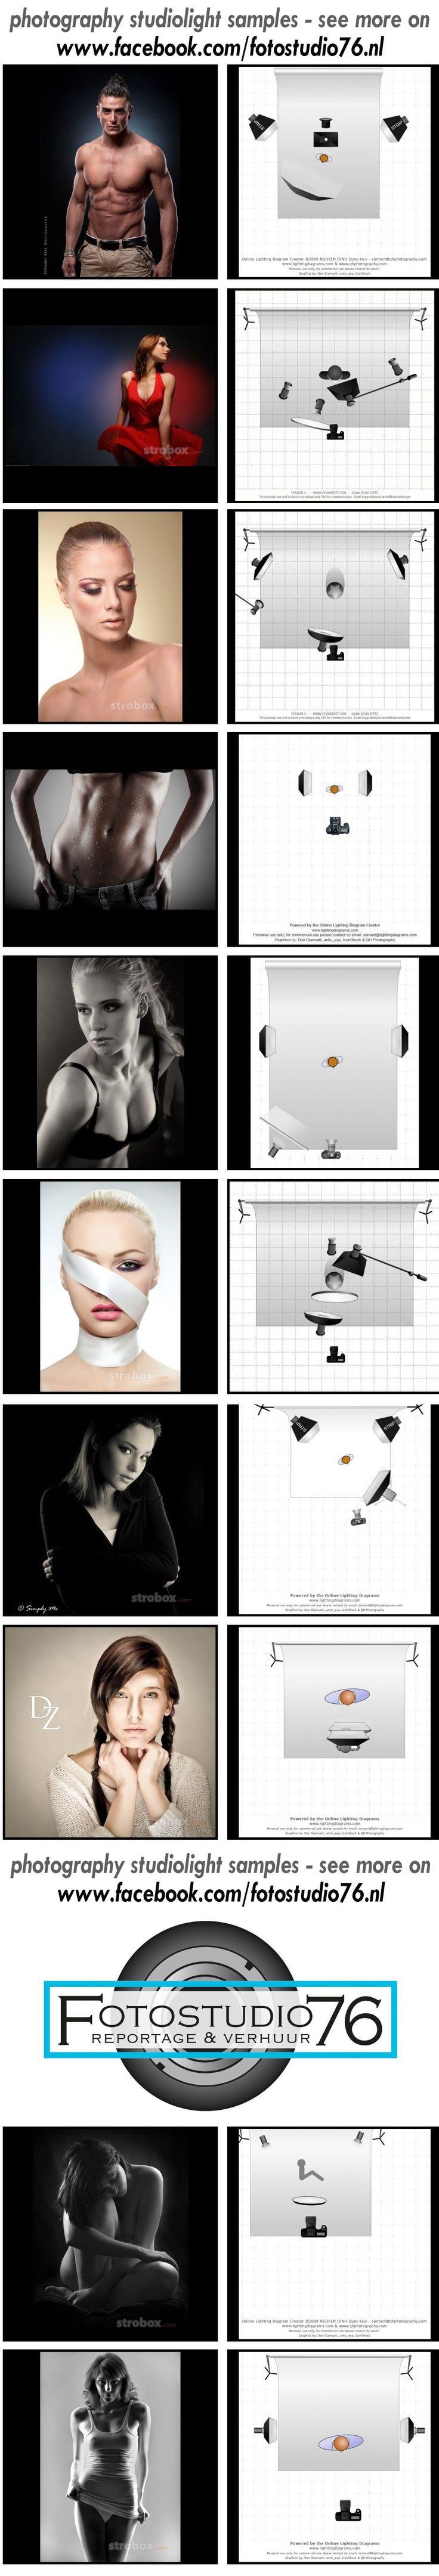 4e5ad947e4d599bf60ccb8470659d4d7.jpg 939×5,514 pixels